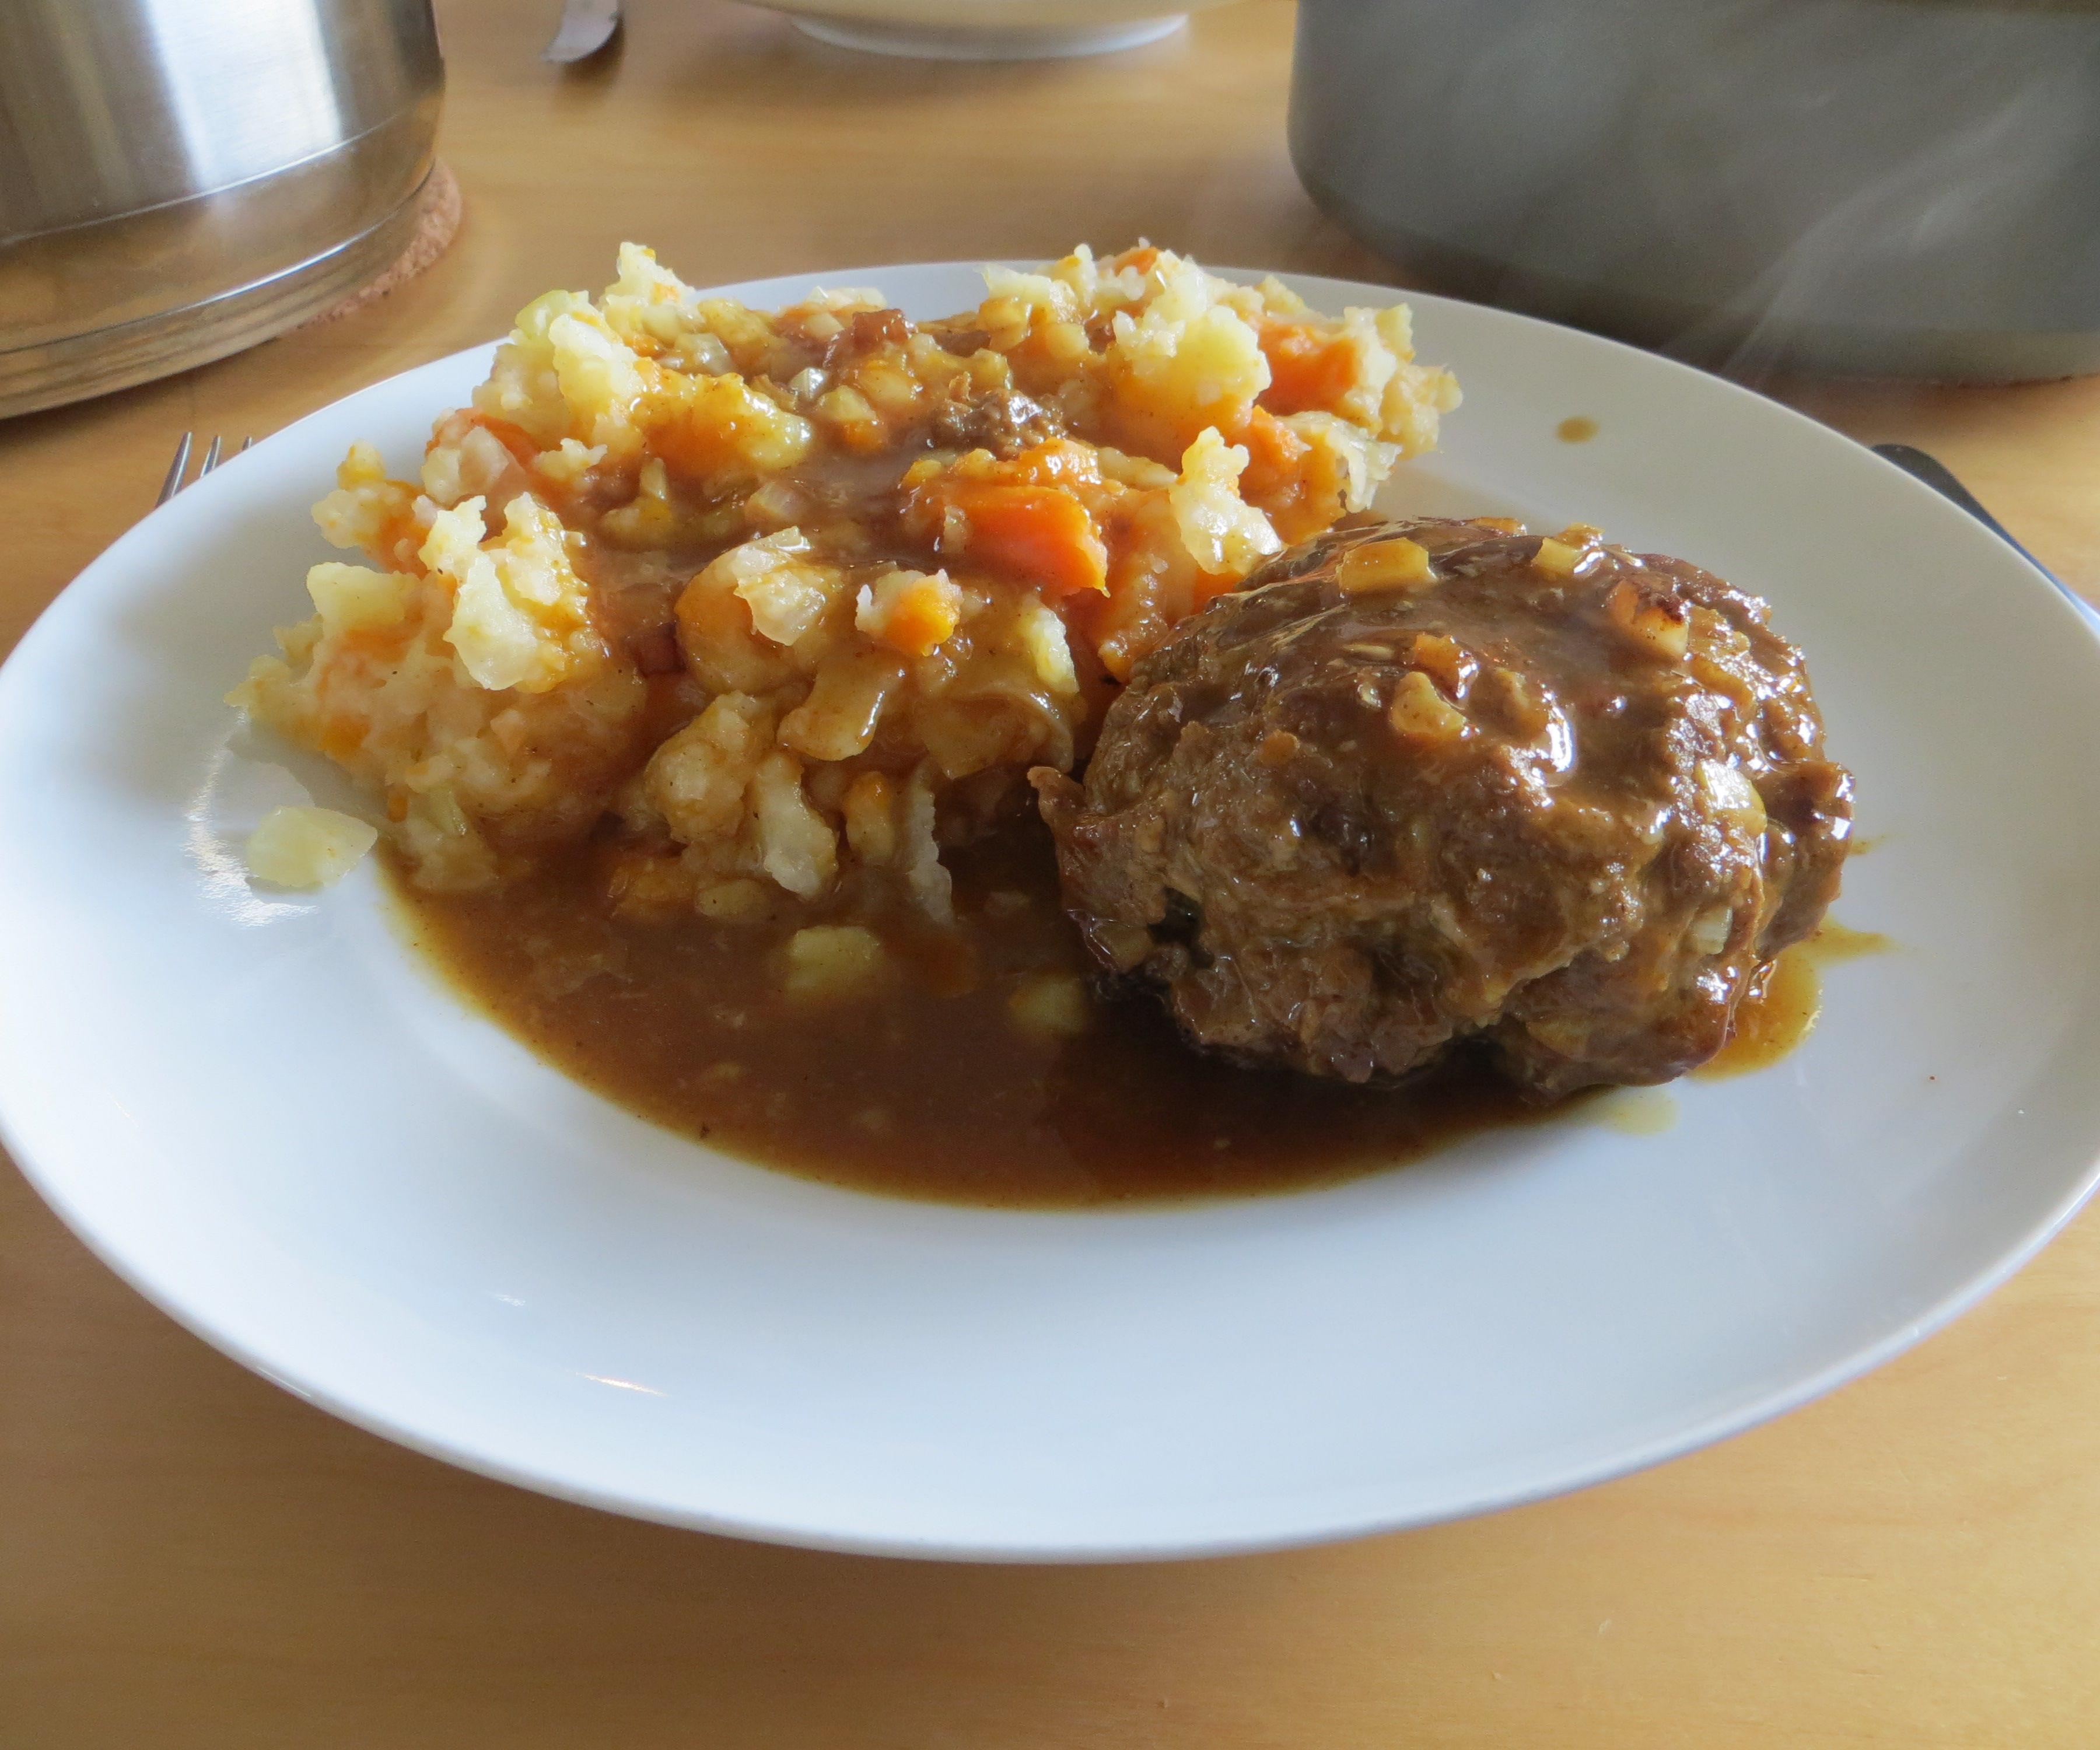 Hutspot with meatballs in beer sauce